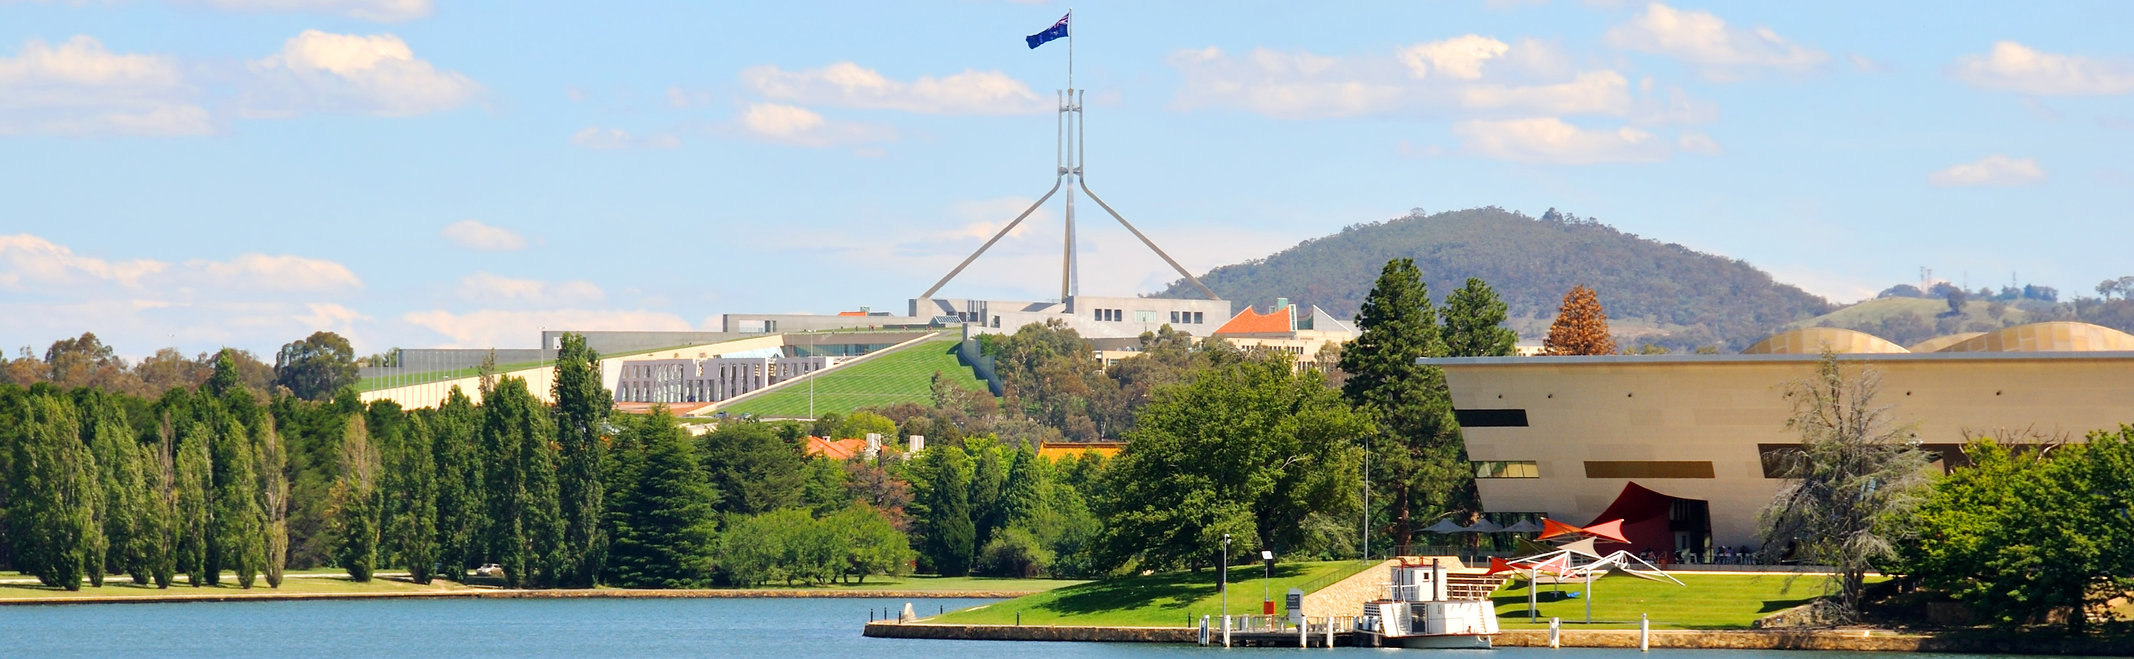 Canberra Shops For Lease.jpg